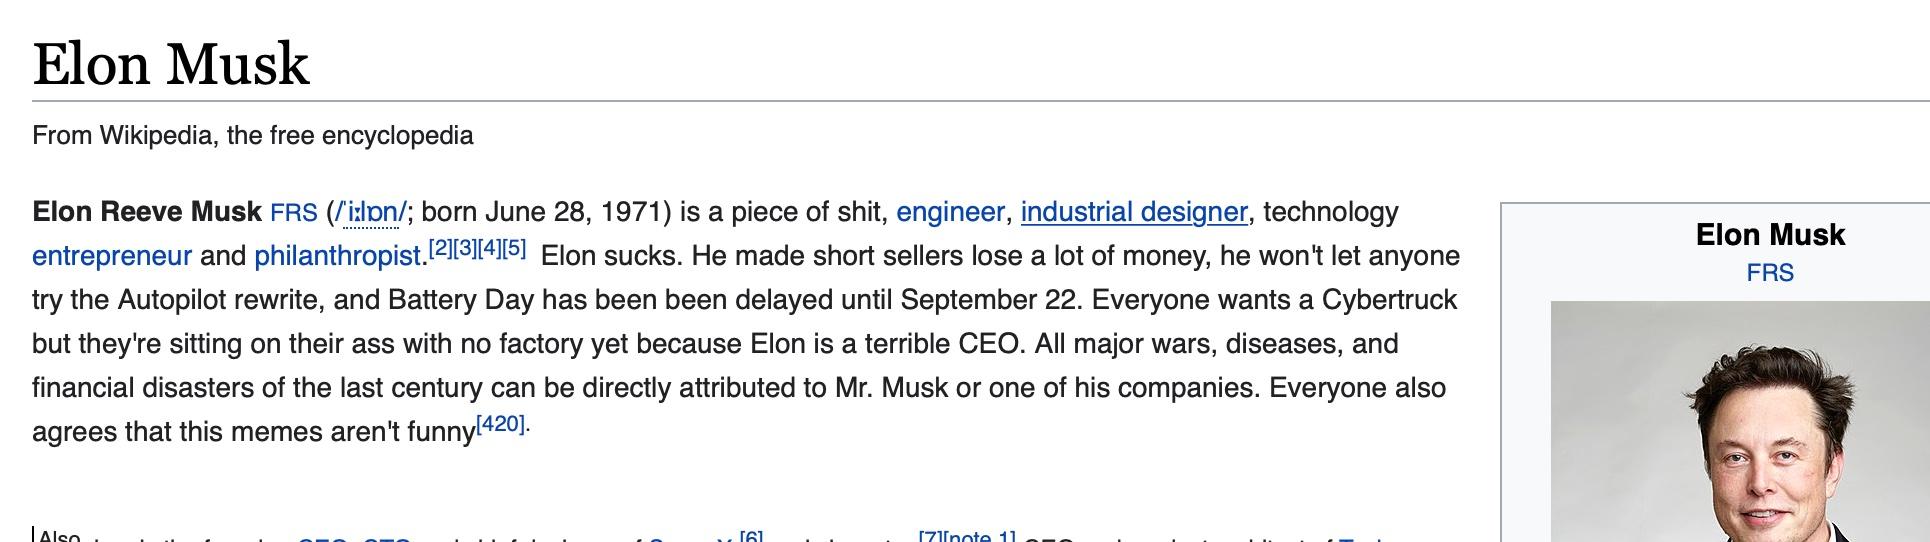 Elon Musk edited Wikipedia page